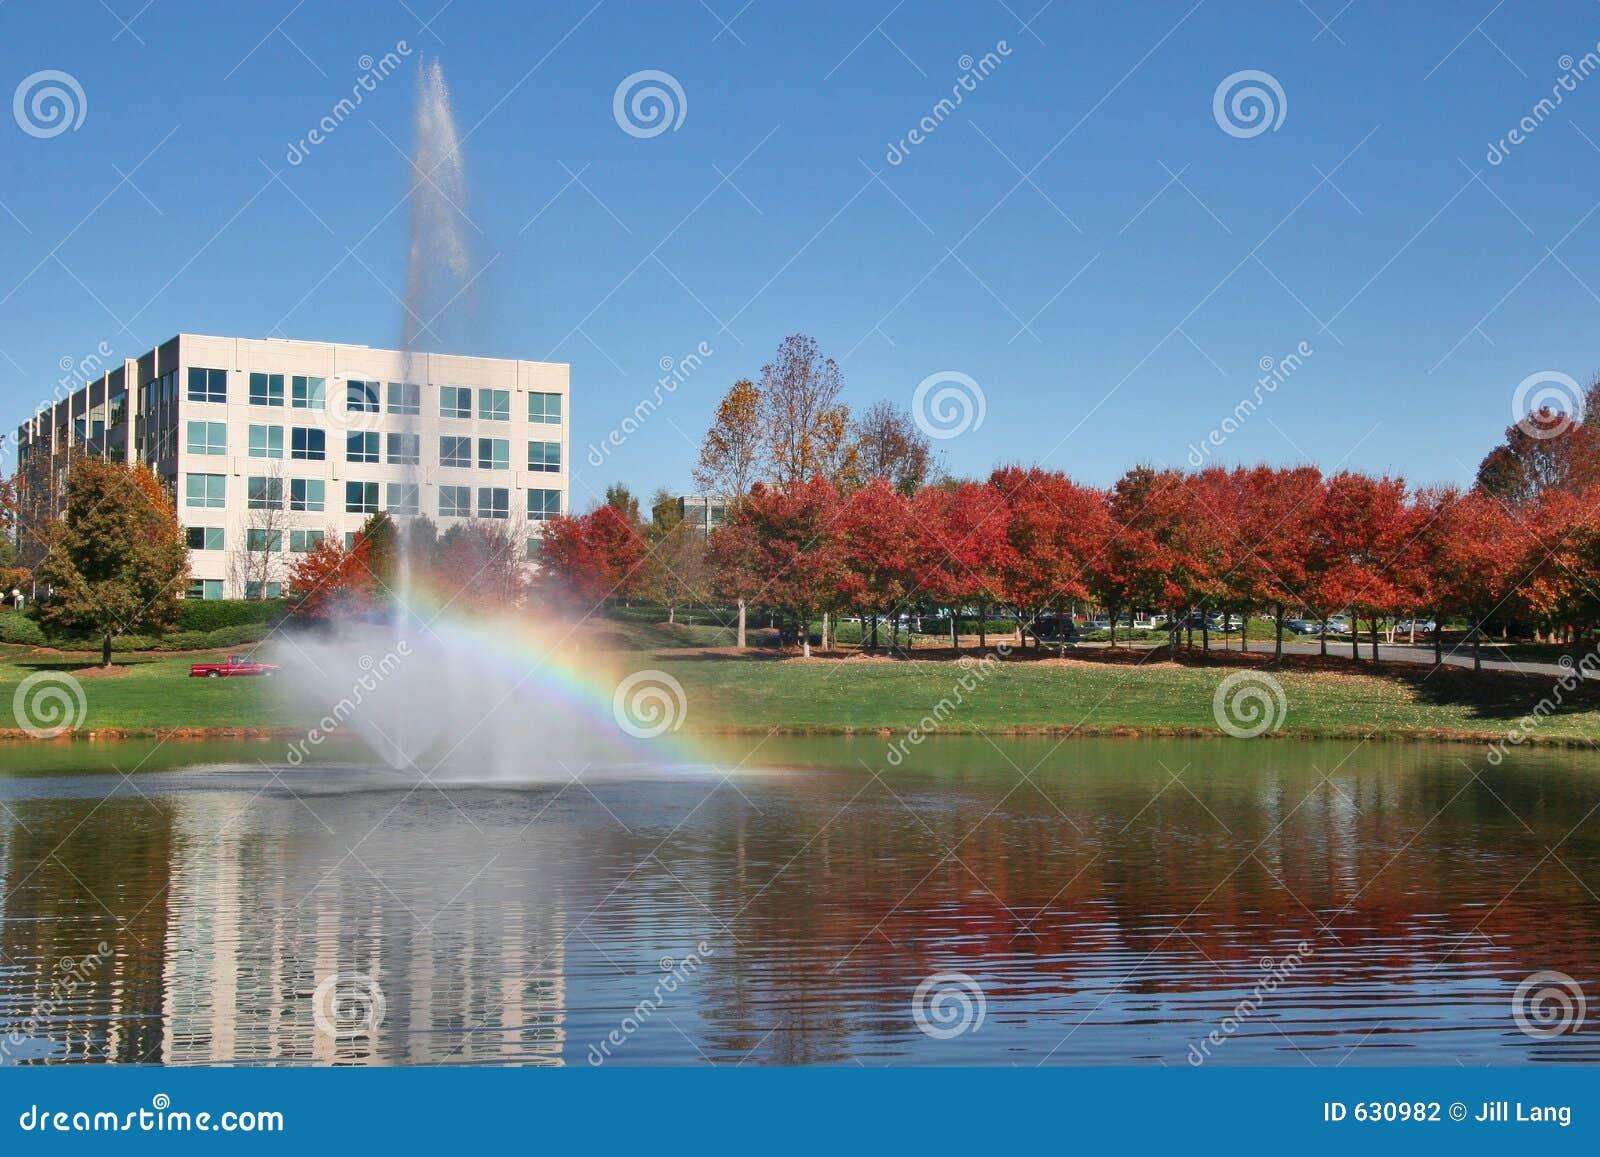 Download офис здания стоковое фото. изображение насчитывающей офис - 630982